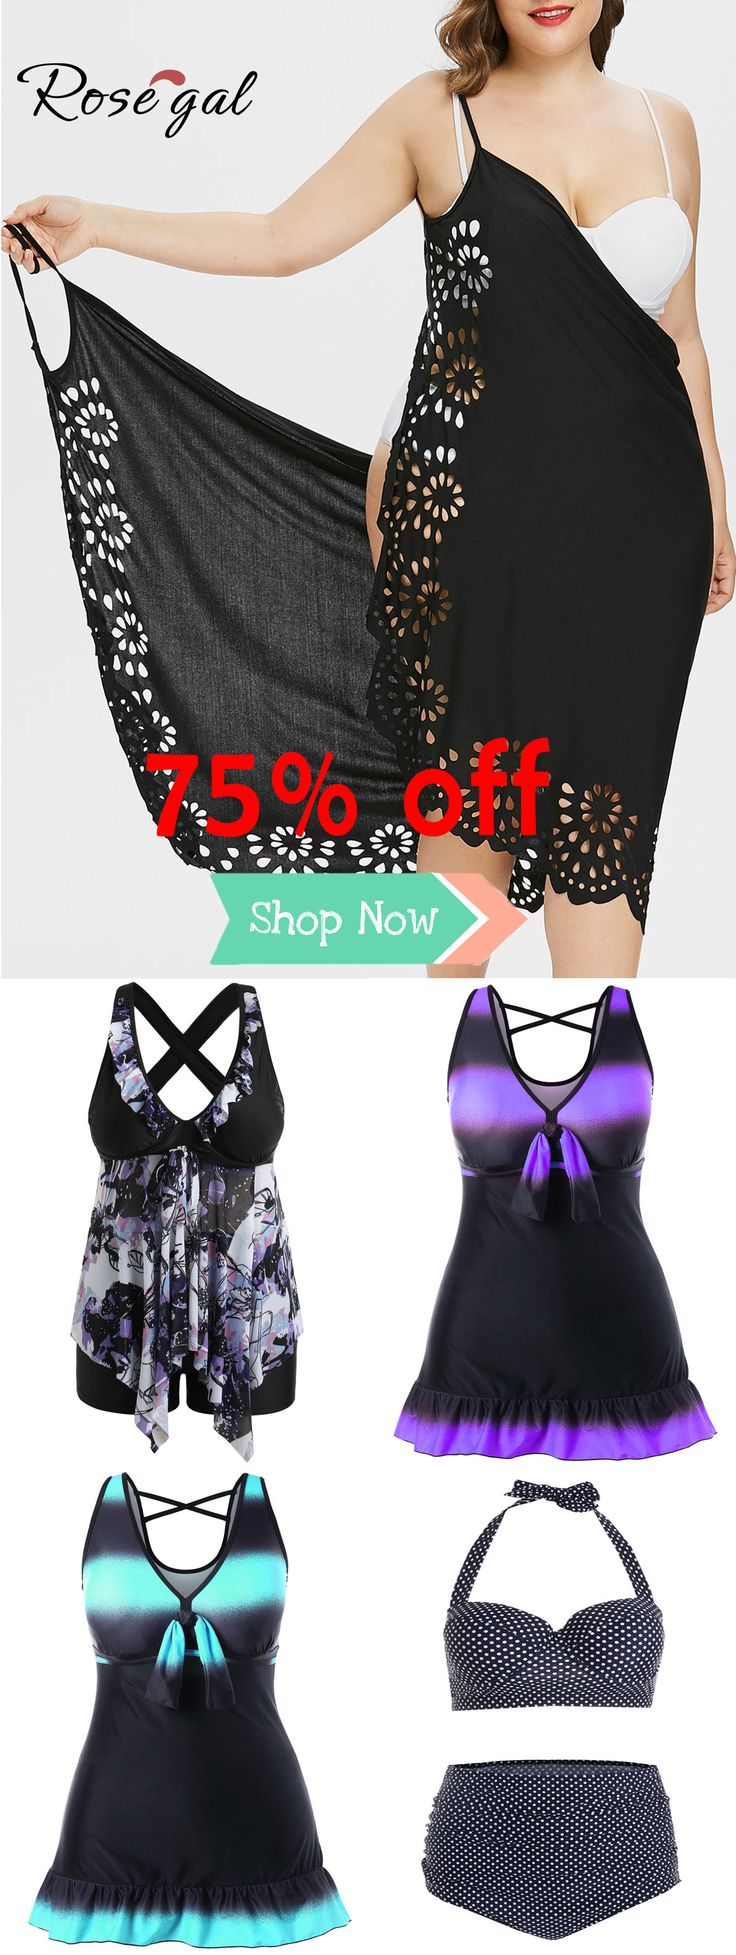 Rosegal Plus Size Badeanzug und Coverup Kleid Ideen für kurvige Mädchen